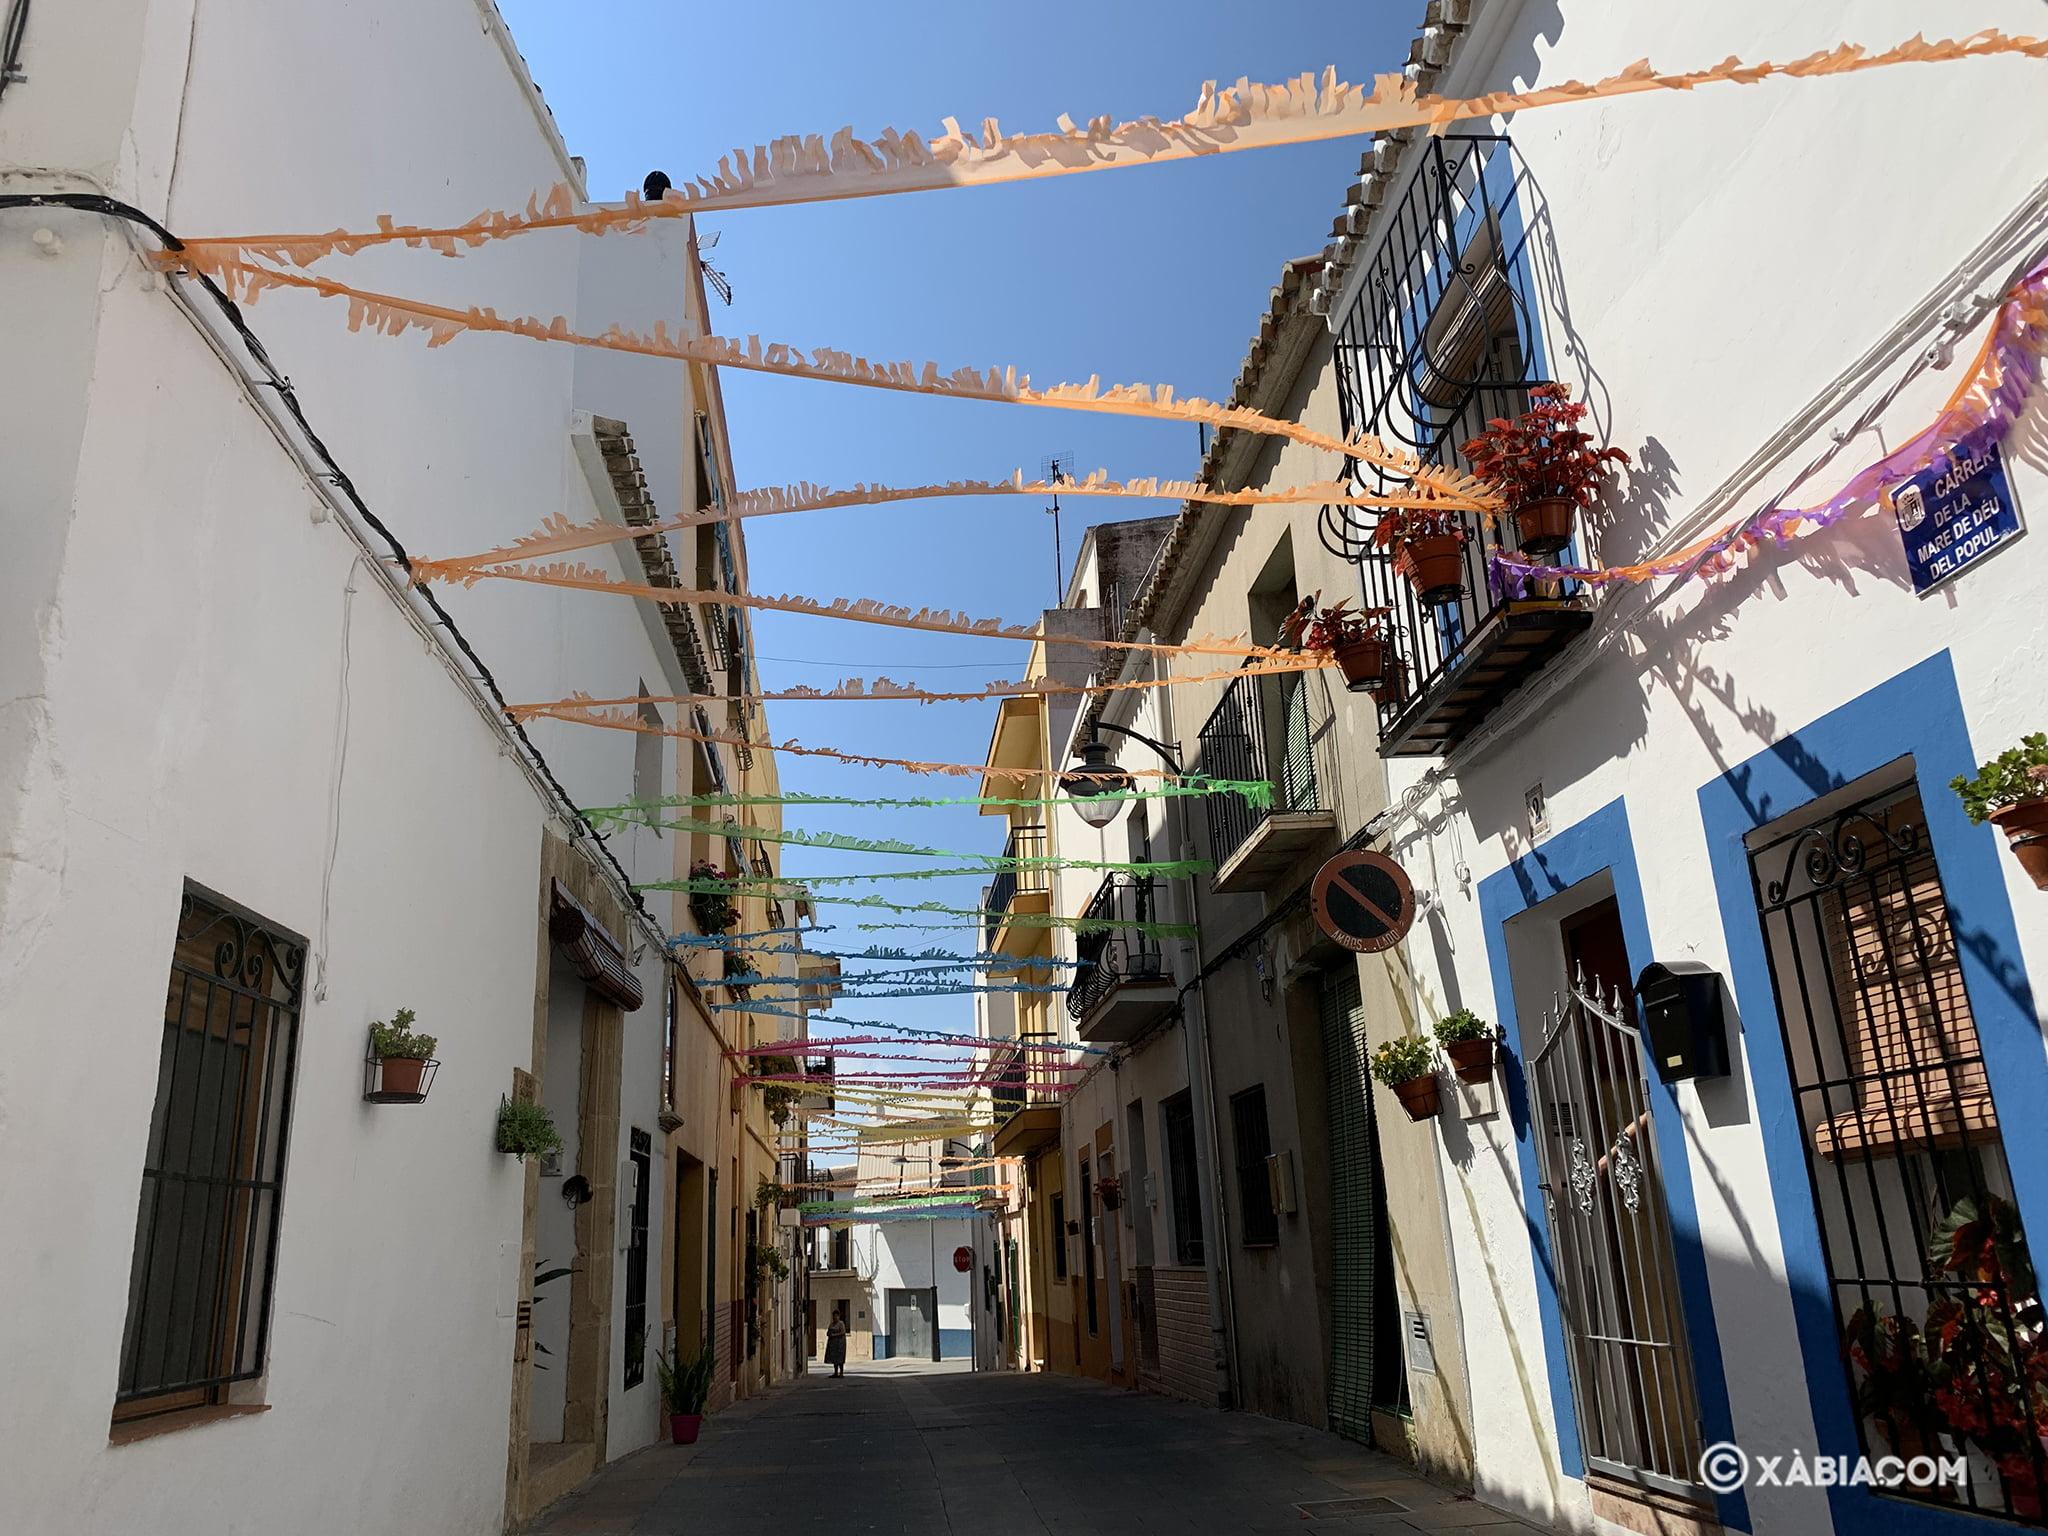 Calle Mare de Dèu del Pópul engalanada en junio 2020